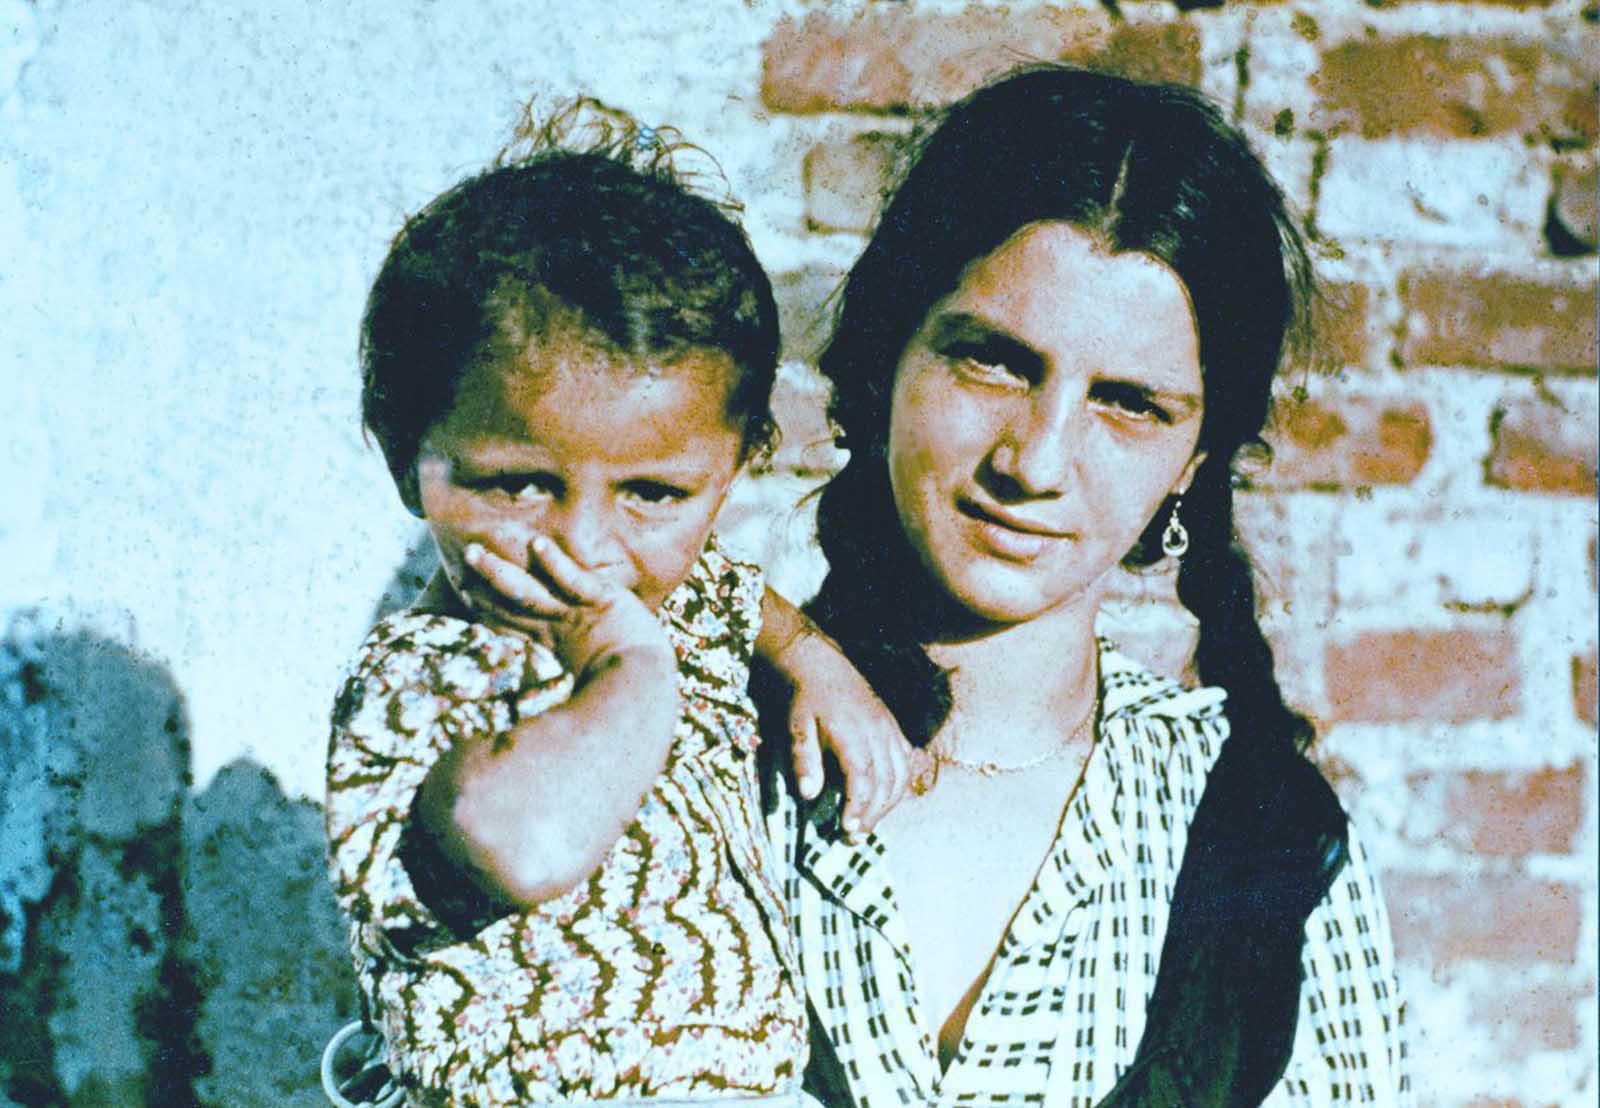 Una mujer y un niño romaníes en un campamento durante una investigación realizada por el Centro de Investigación de Higiene Racial en la Oficina de Salud del Reich. 1938.